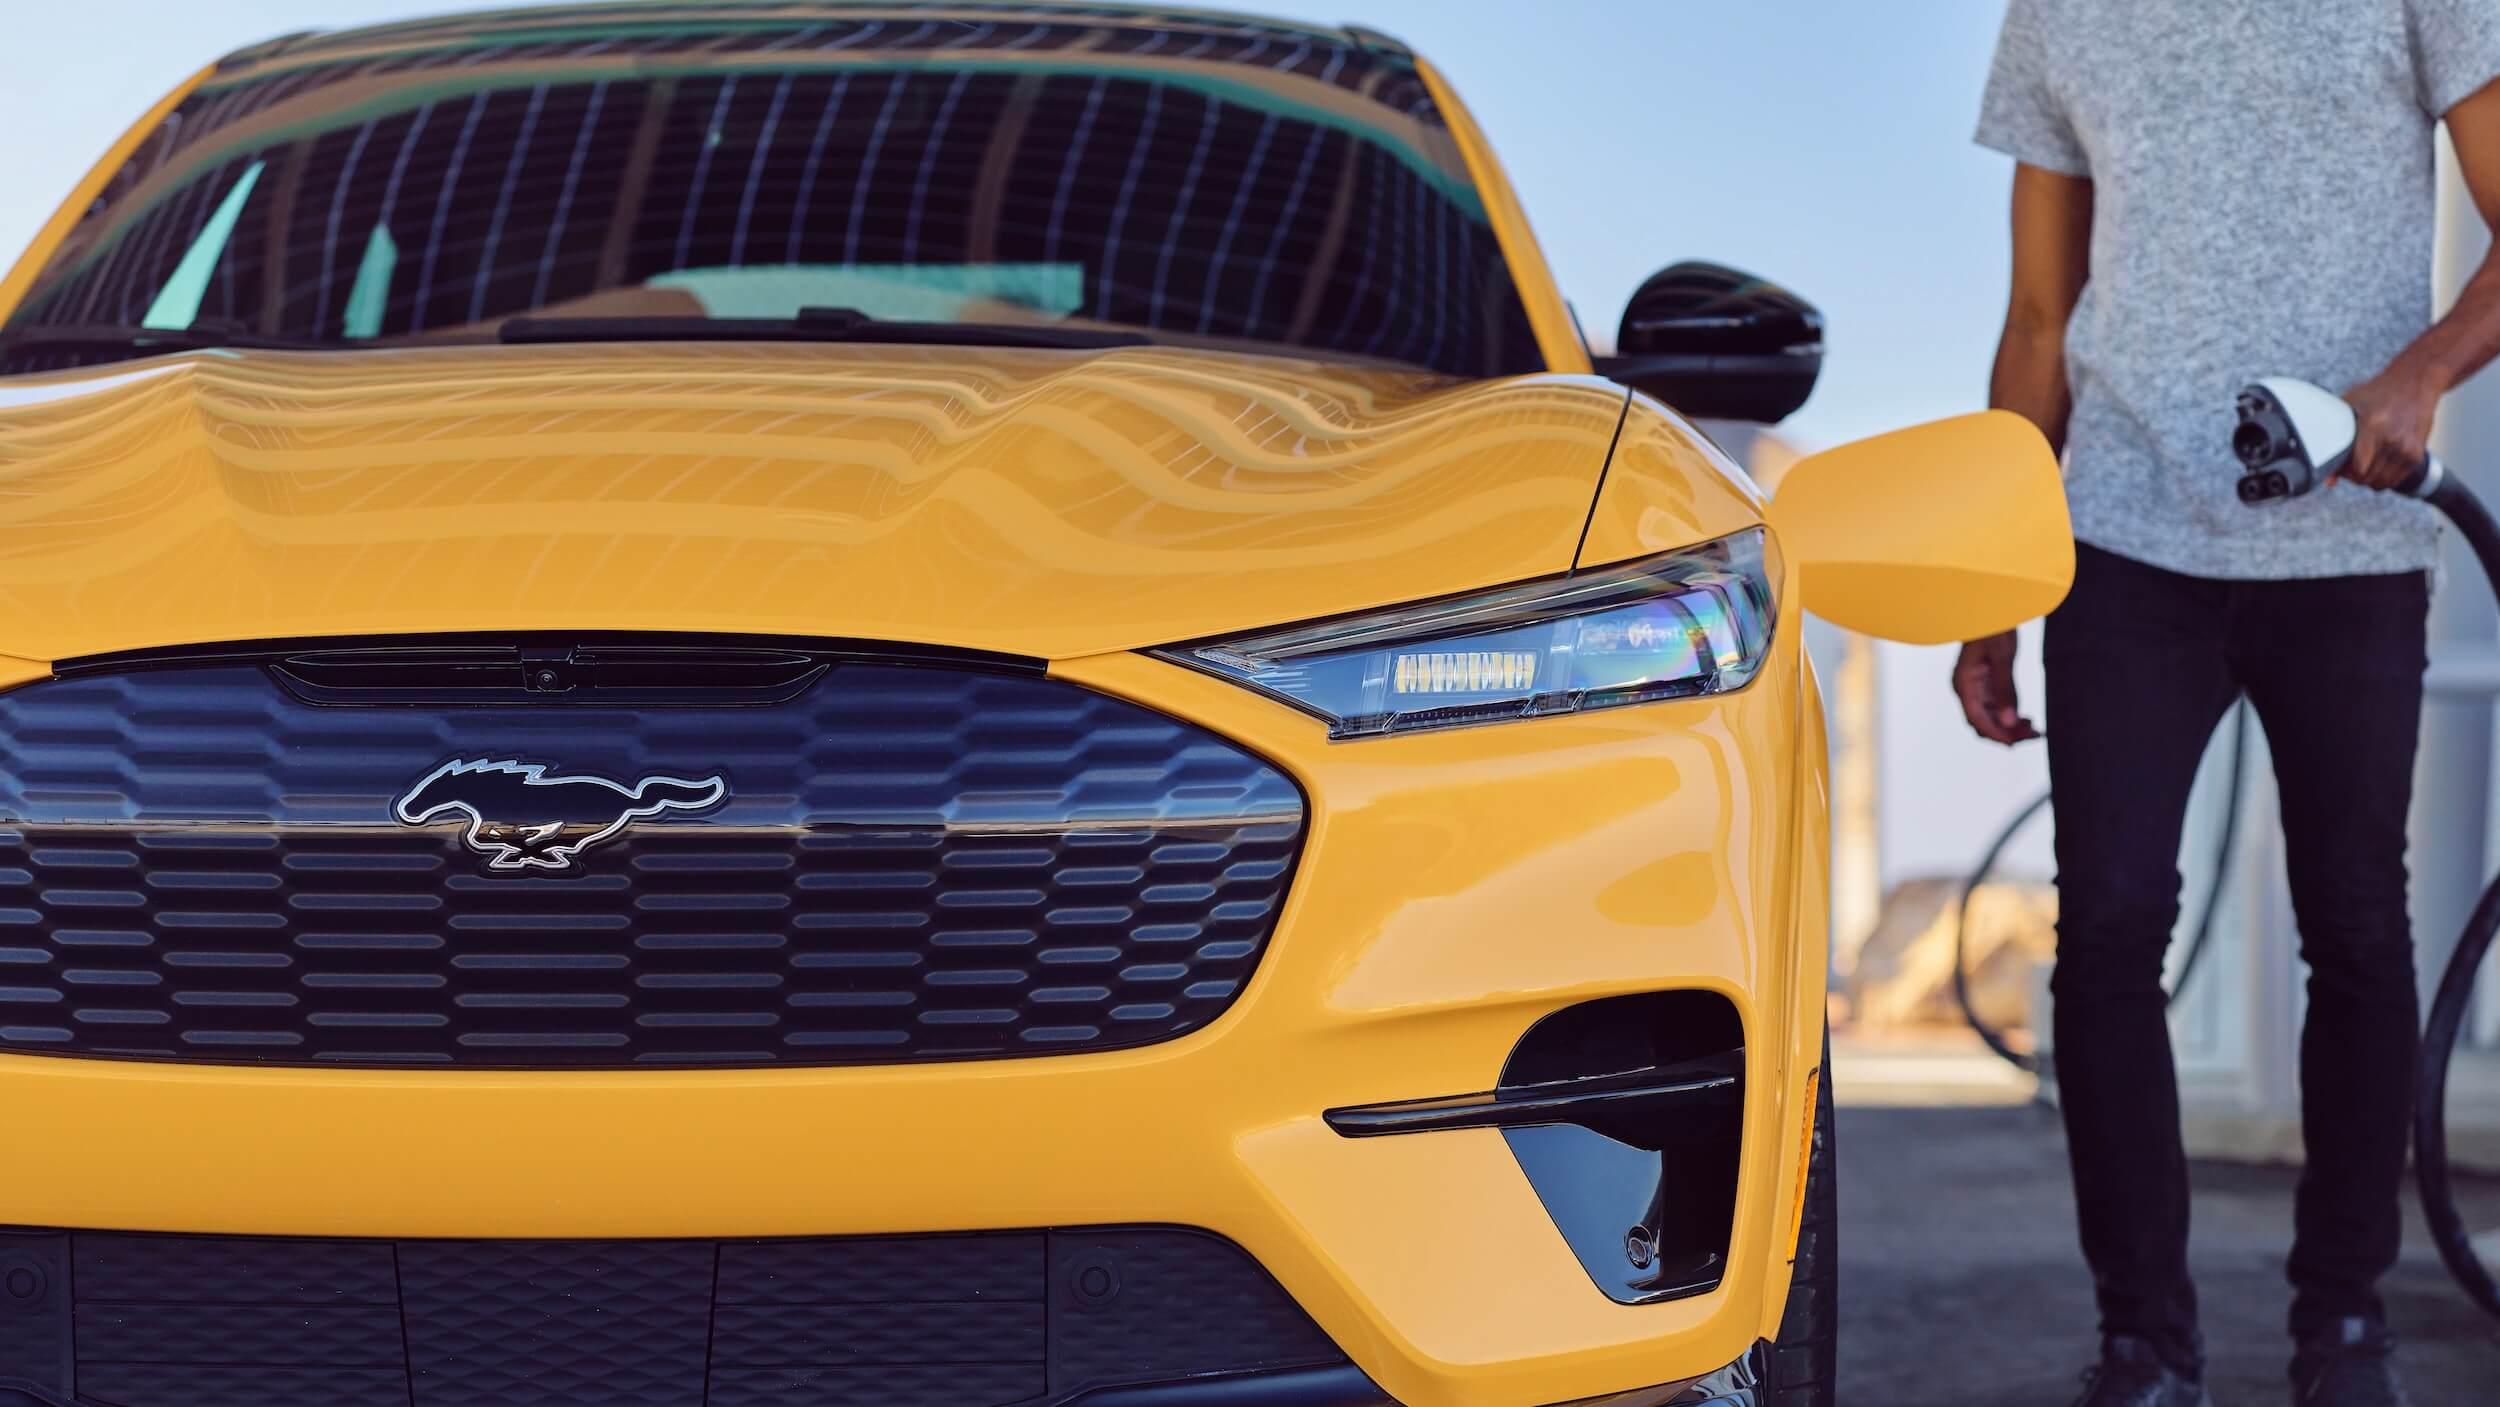 Mustang Mach E GT Performance laden